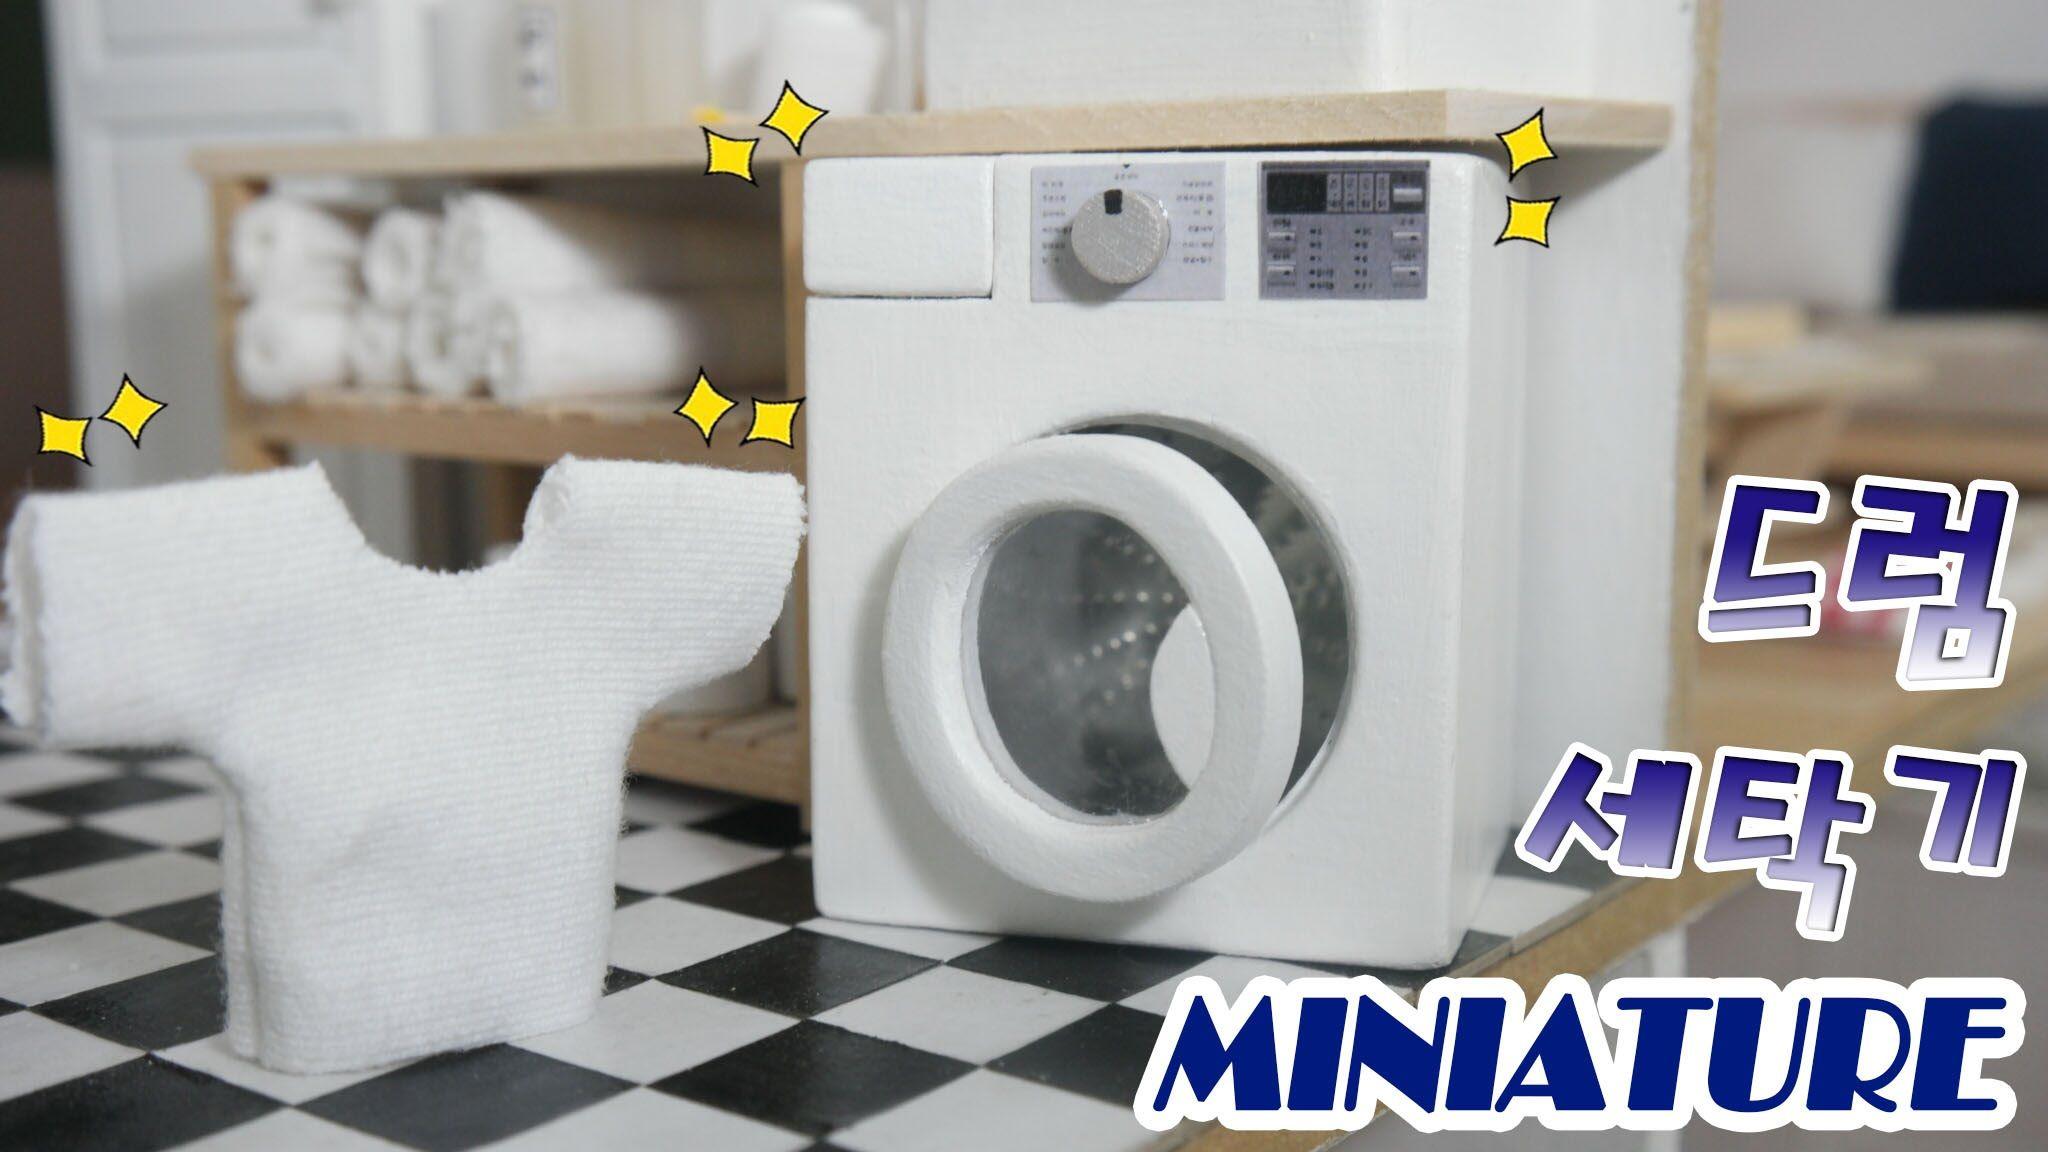 미니어쳐 드럼세탁기로 빨래를 해볼까나~ * Miniature Washing